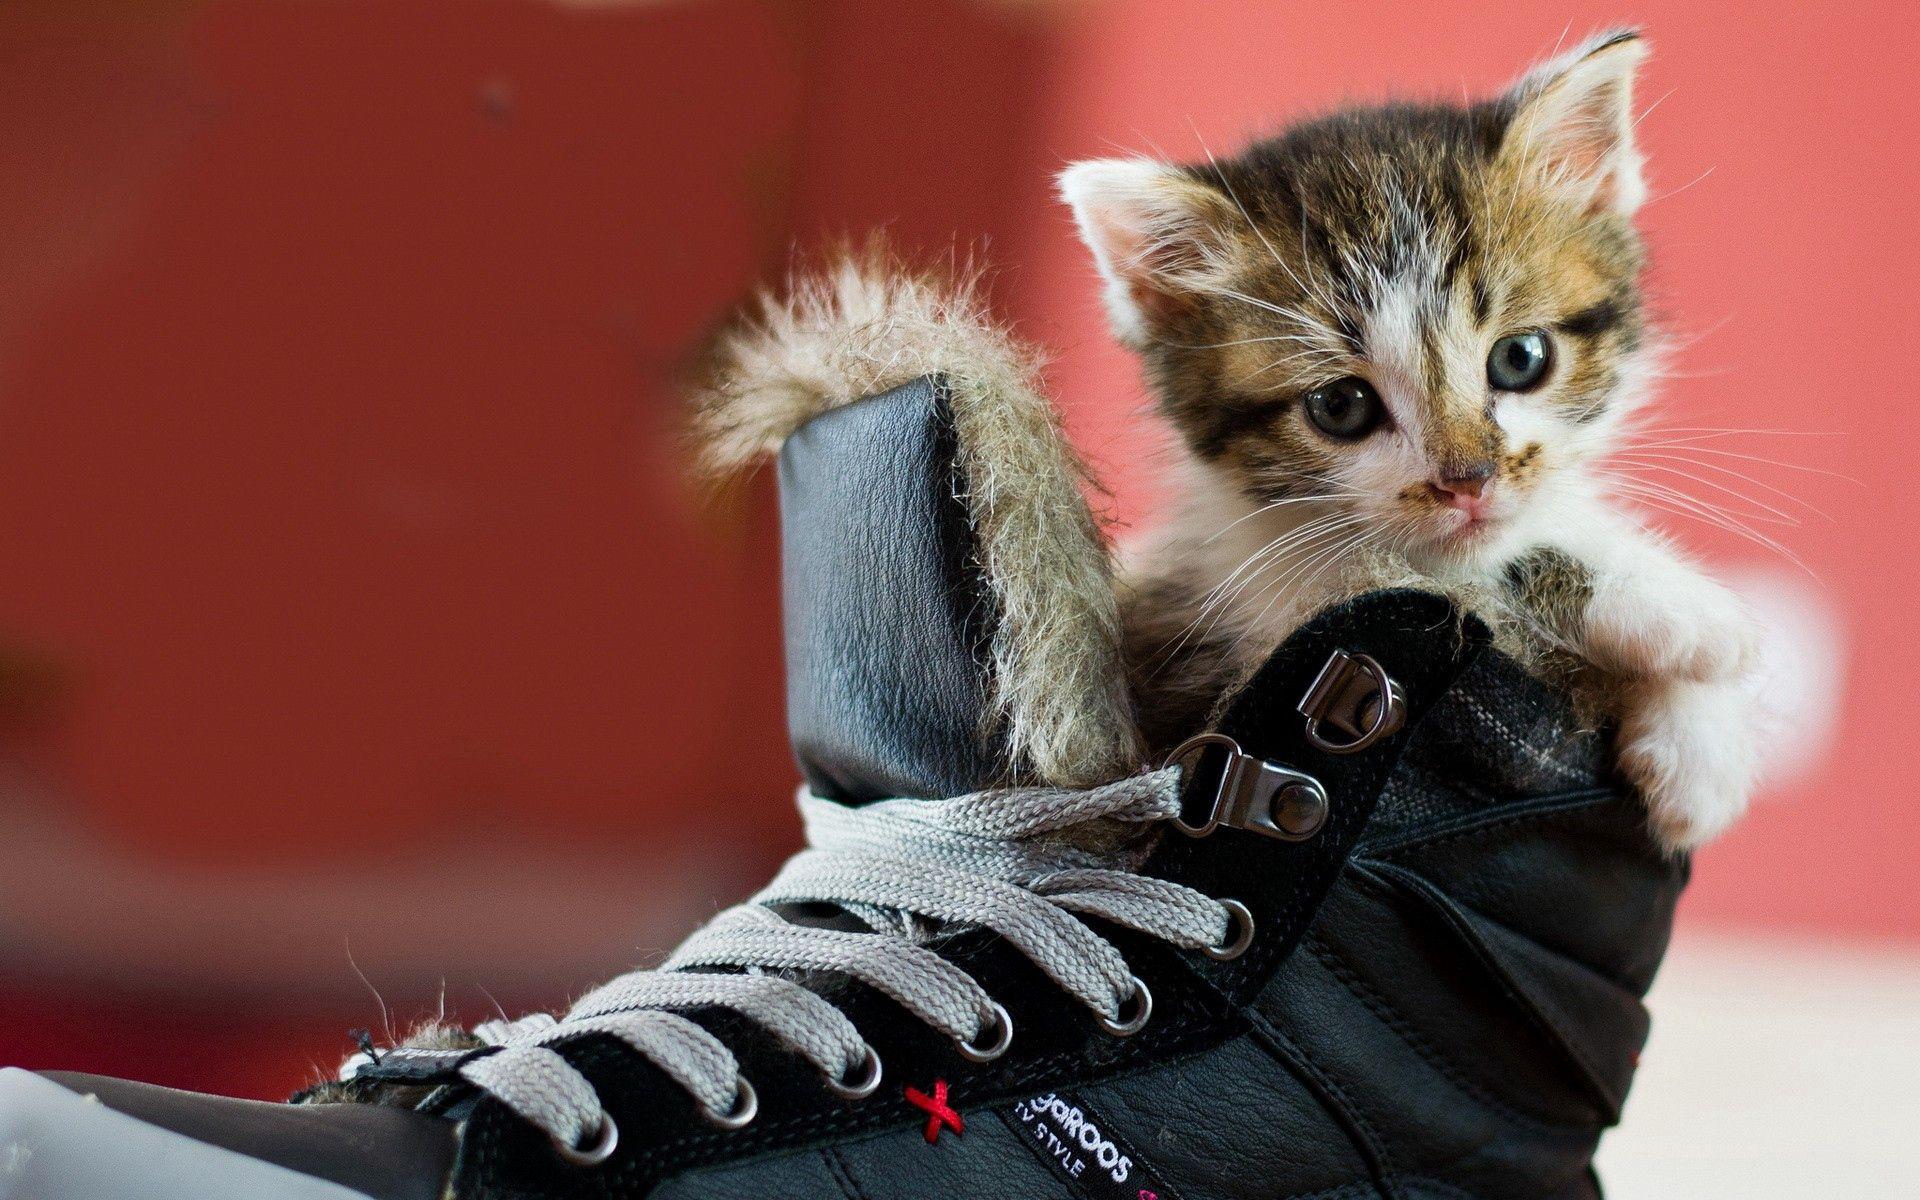 99370 Hintergrundbild herunterladen Tiere, Kätzchen, Gefleckt, Fleckig, Schuhe, Schuhwerk - Bildschirmschoner und Bilder kostenlos